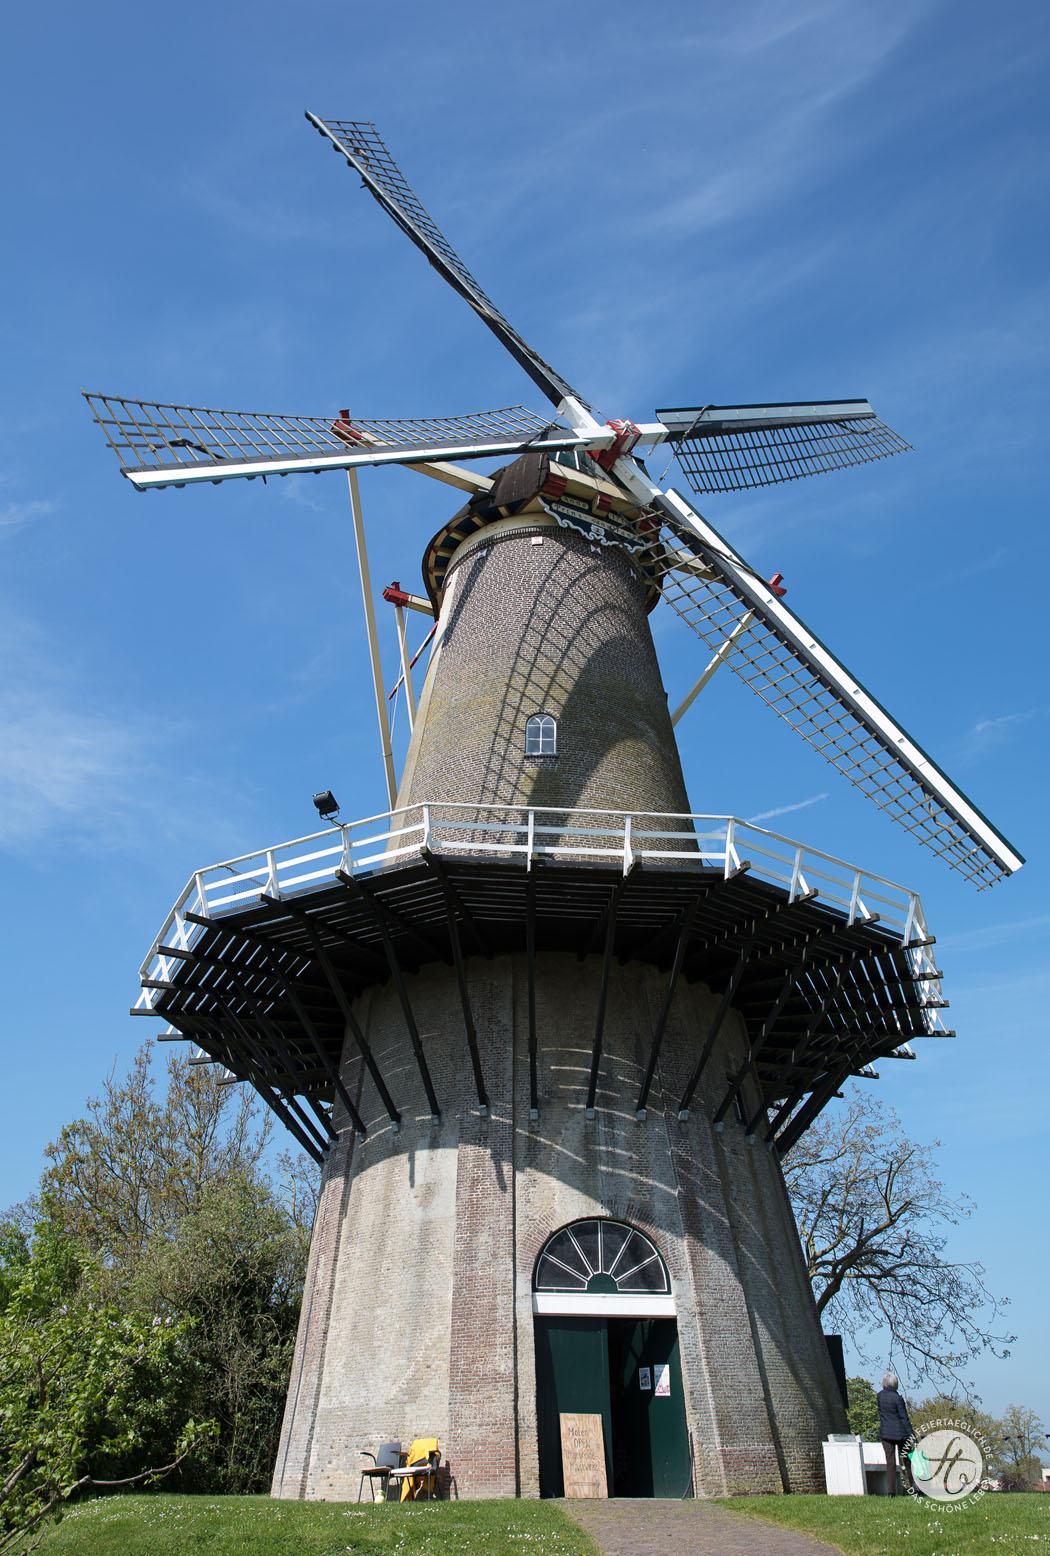 Buren, Windmühle, lekker radeln – Ein Wochenende in Holland mit dem Fahrrad unterwegs (+ Radrouten mit Karten und GPS-Daten)